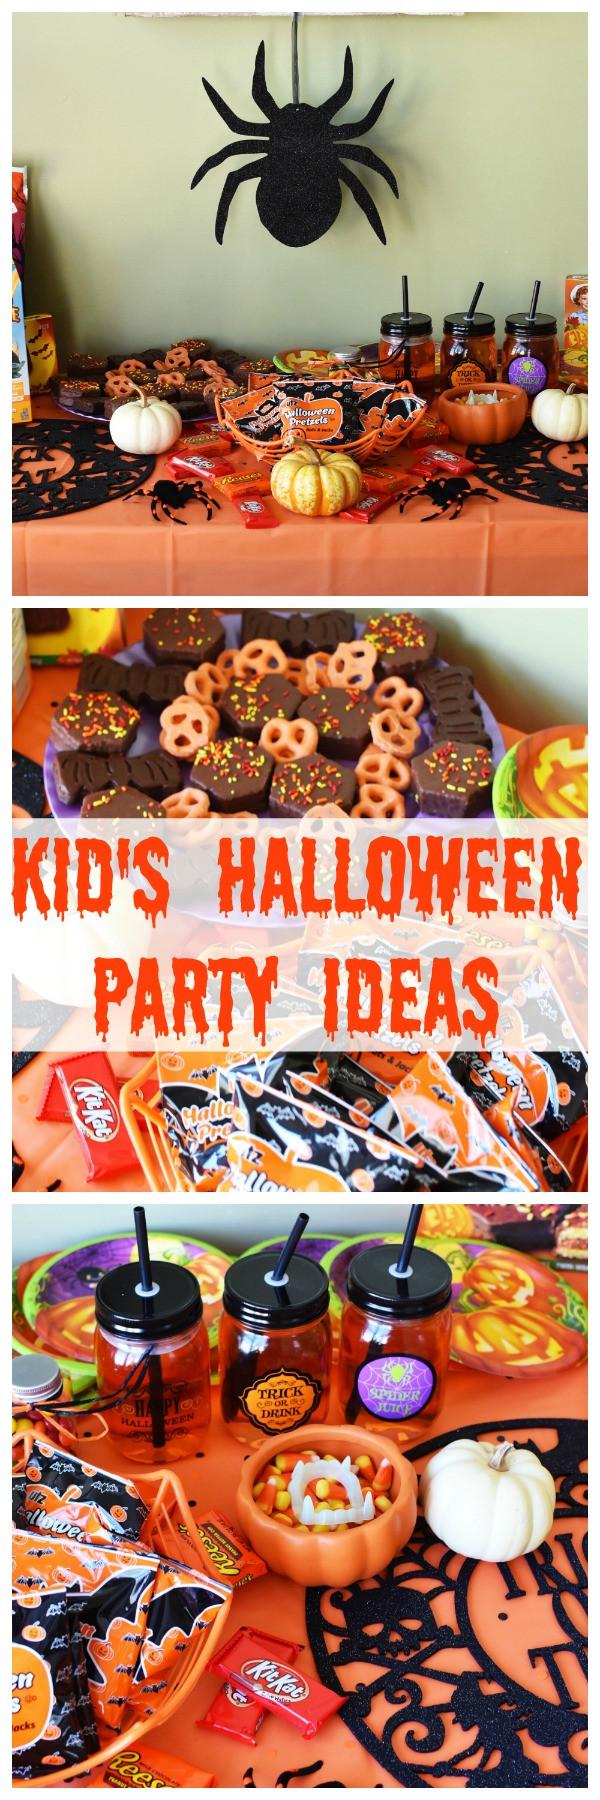 Kids Halloween Party Ideas  Kid s Halloween Party Ideas